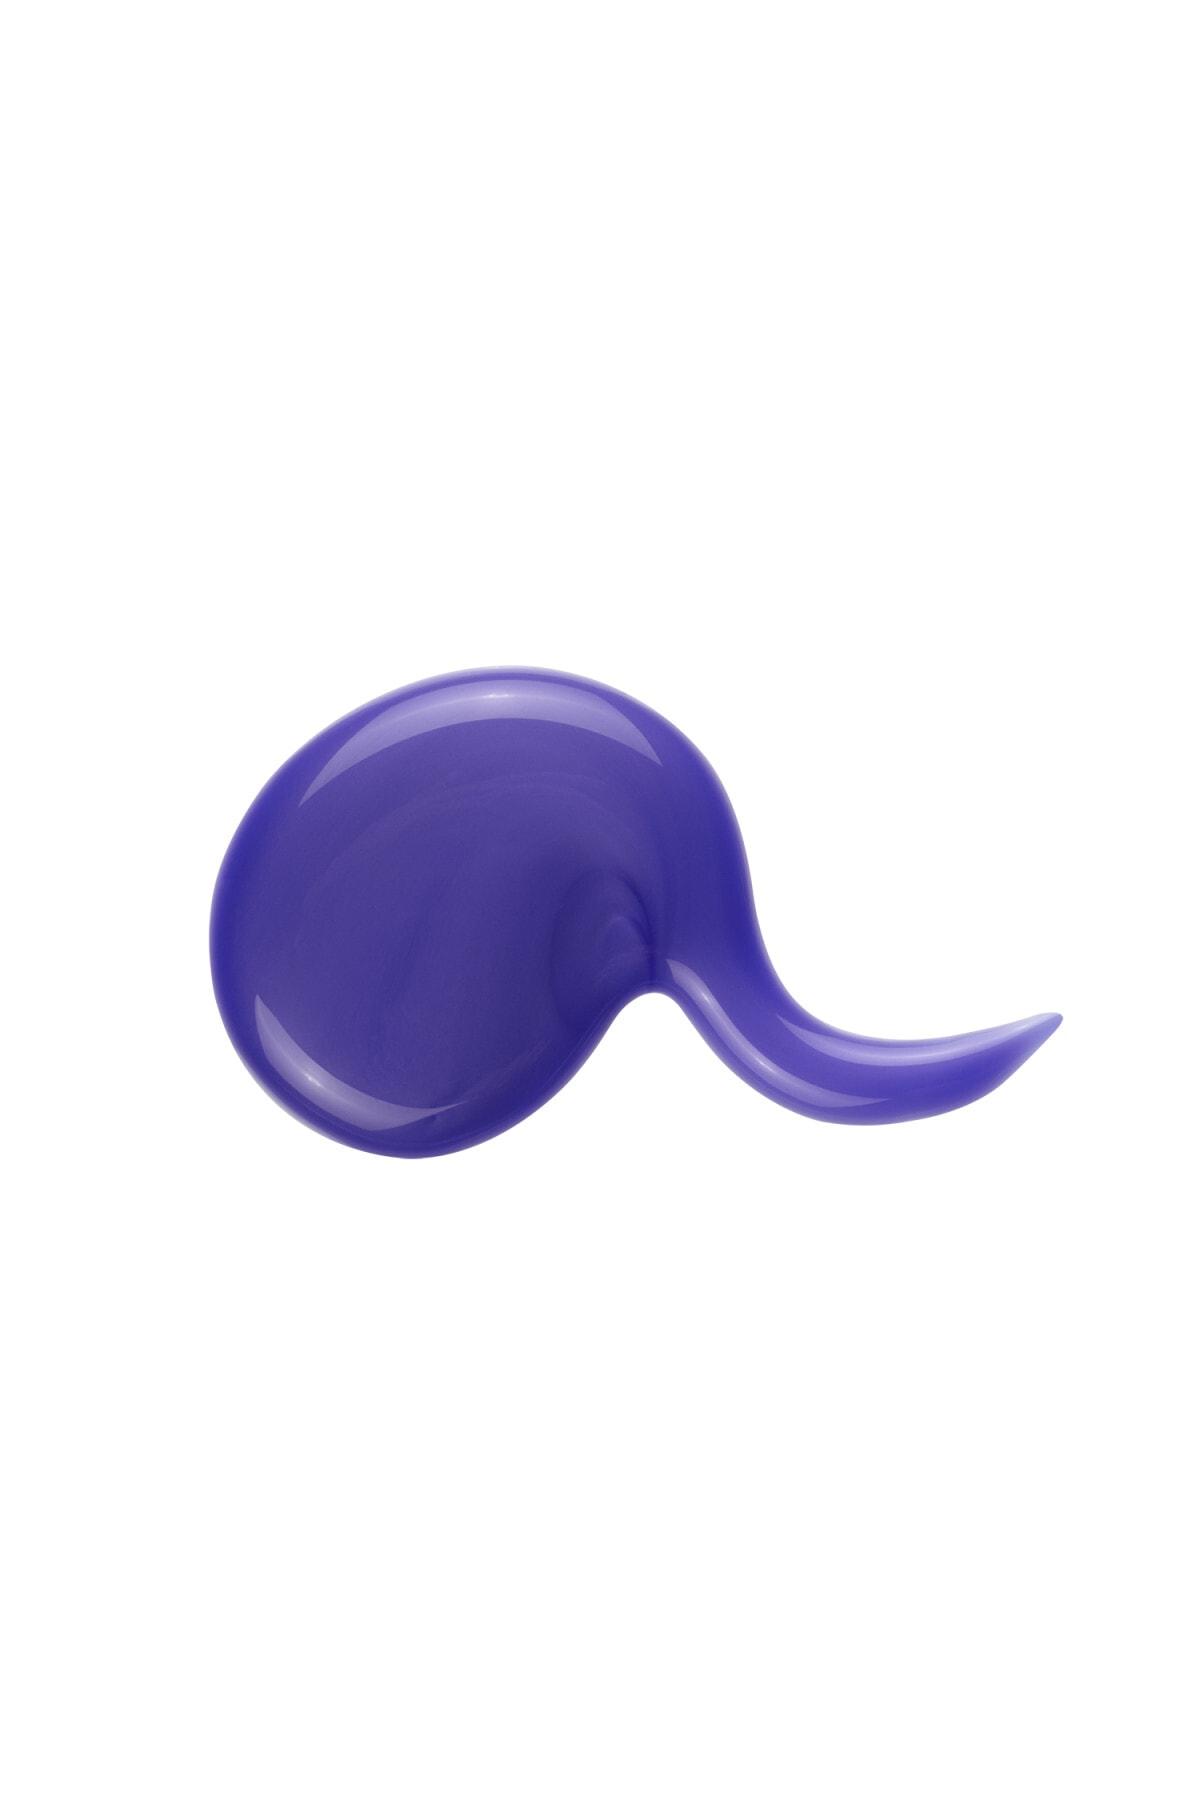 L'oreal Professionnel Gri ve Beyaz Saçlar için Parlaklık Veren Şampuan 500 ml - Silver Gloss Protect System 3474636502868 1